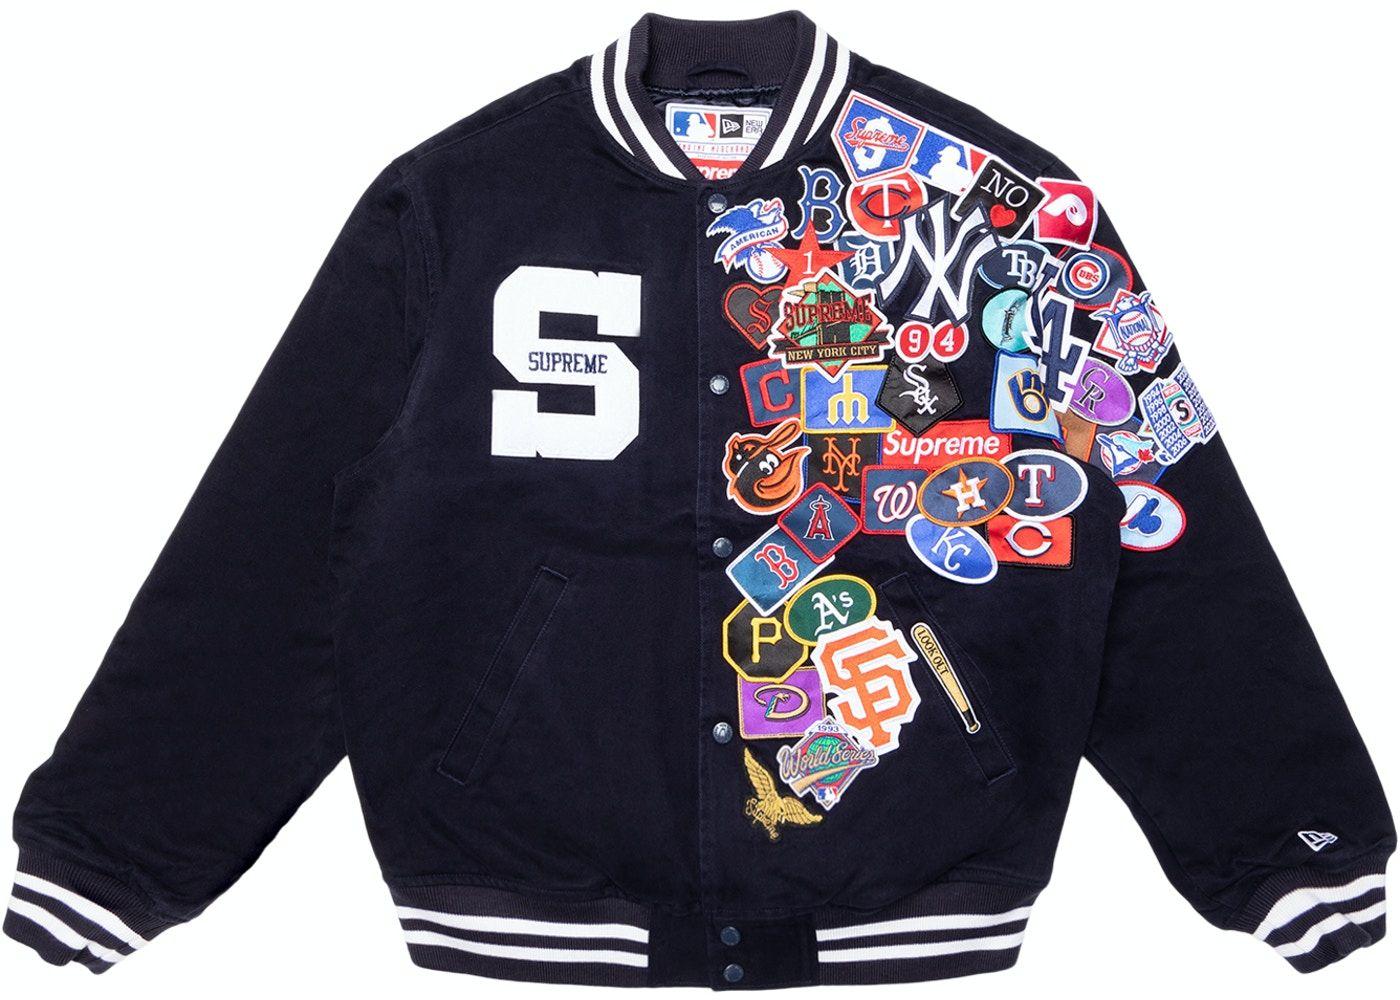 Supreme New Era Mlb Varsity Jacket Navy In 2020 Varsity Jacket Streetwear Jackets Jackets